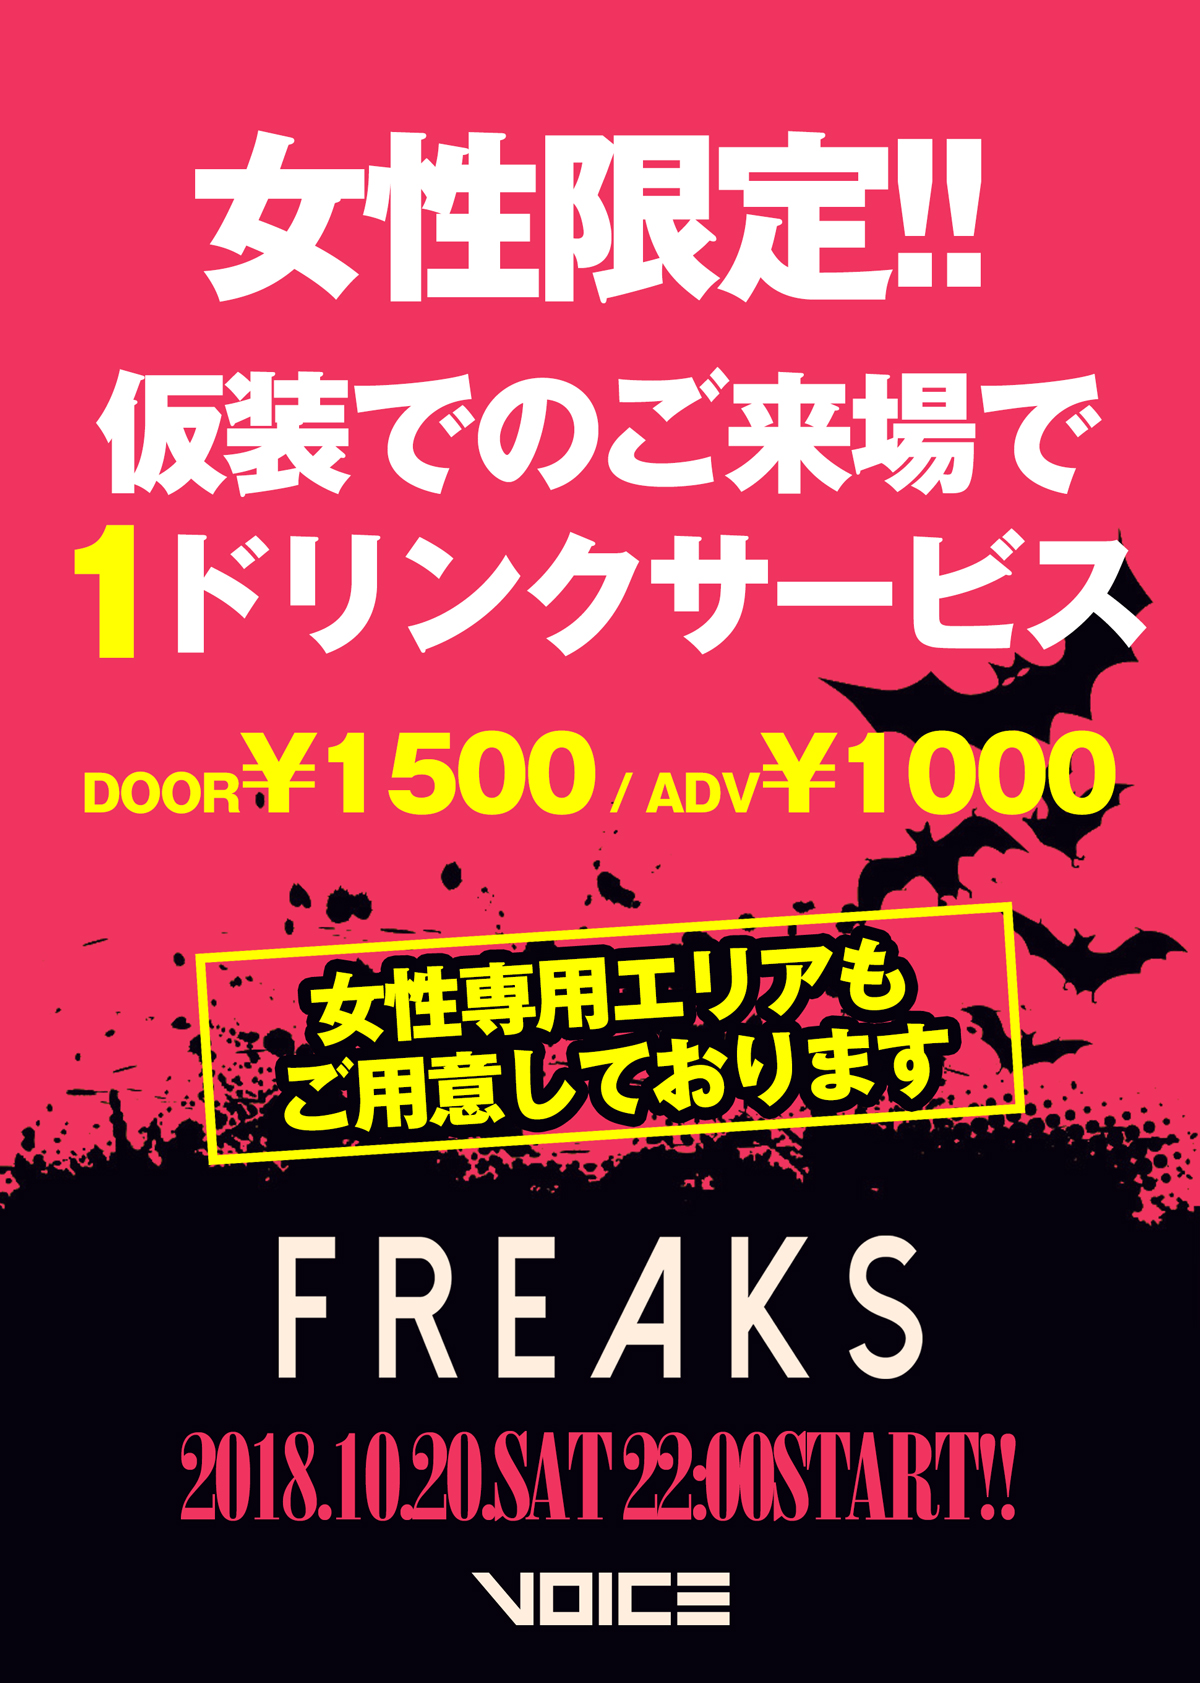 freaks-lady